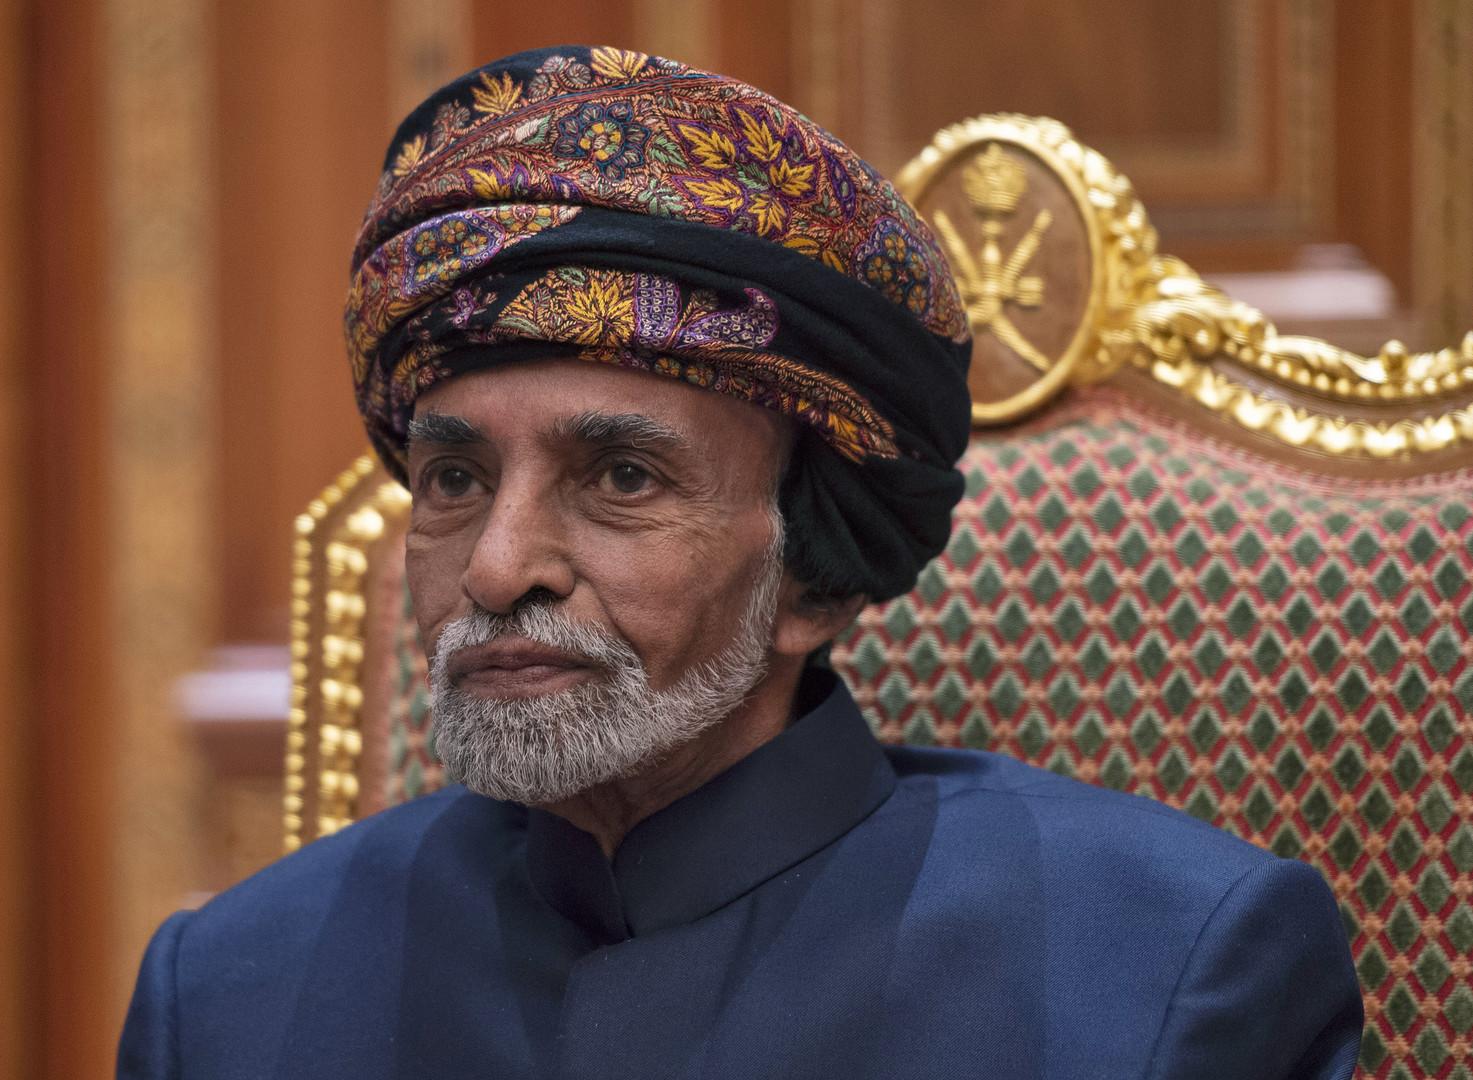 صحيفة عمانية تنفي نقلا عن مصدر خاص ما تردد عن تدهور صحة السلطان قابوس